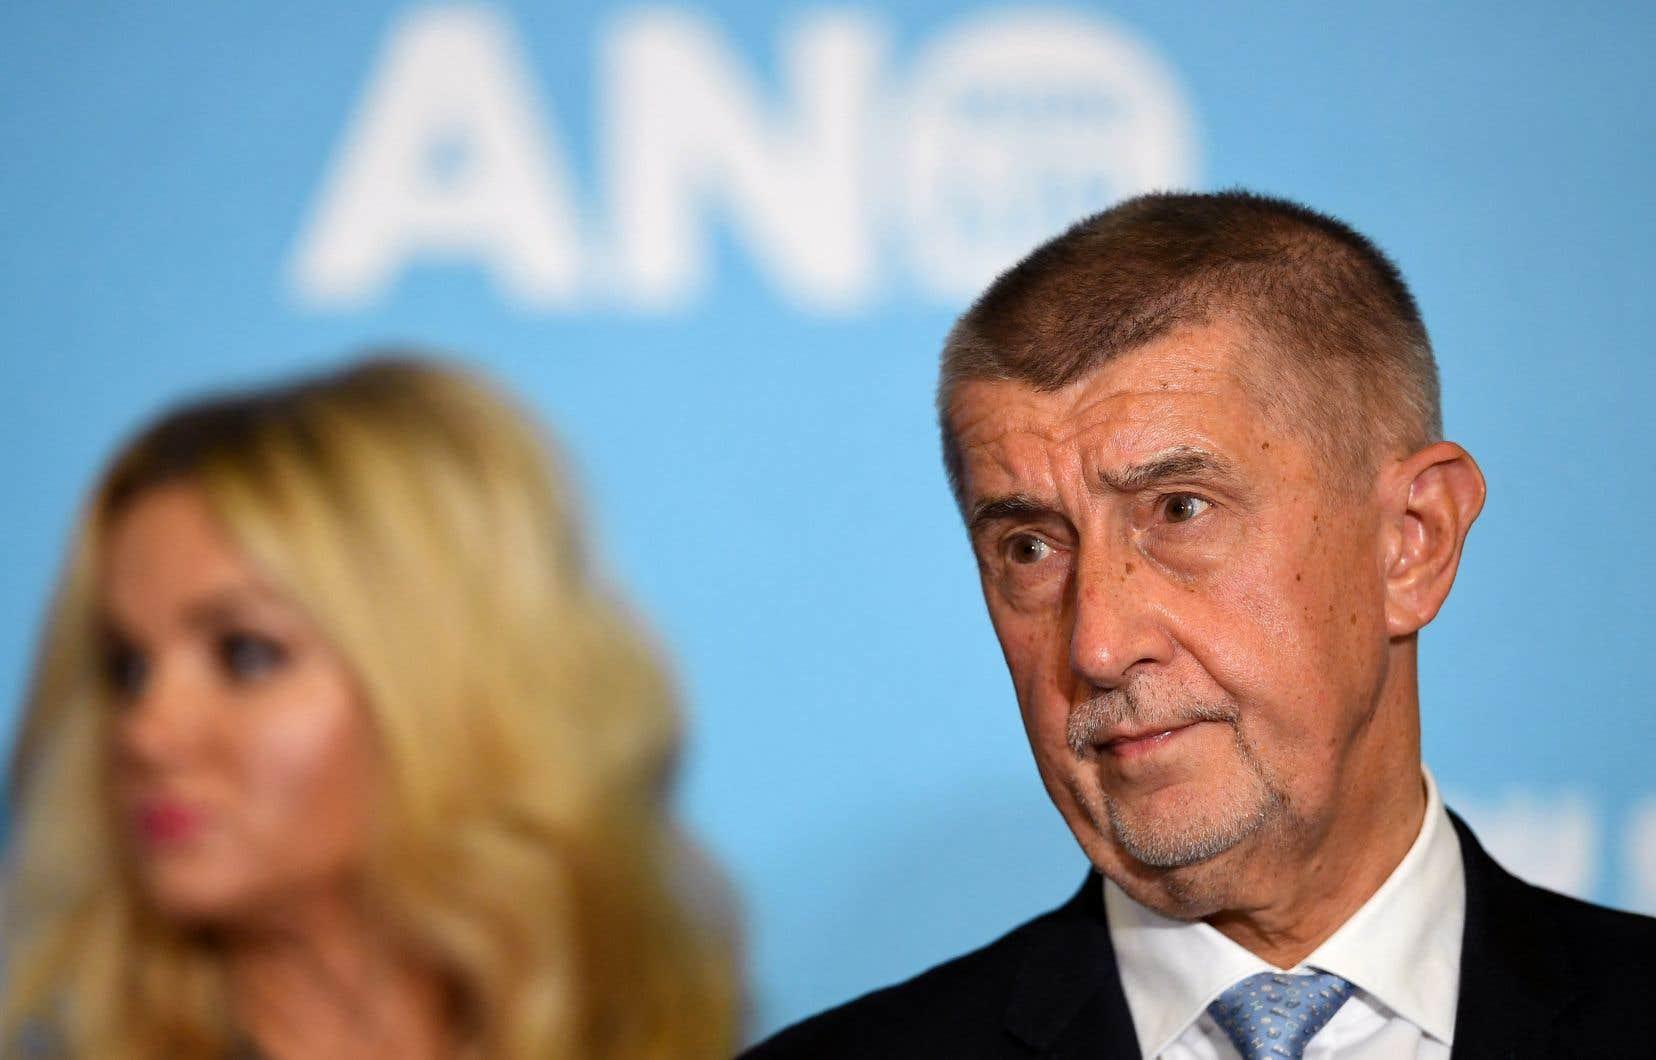 Le chef du mouvement ANO (Action des citoyens mécontents), Andrej Babis